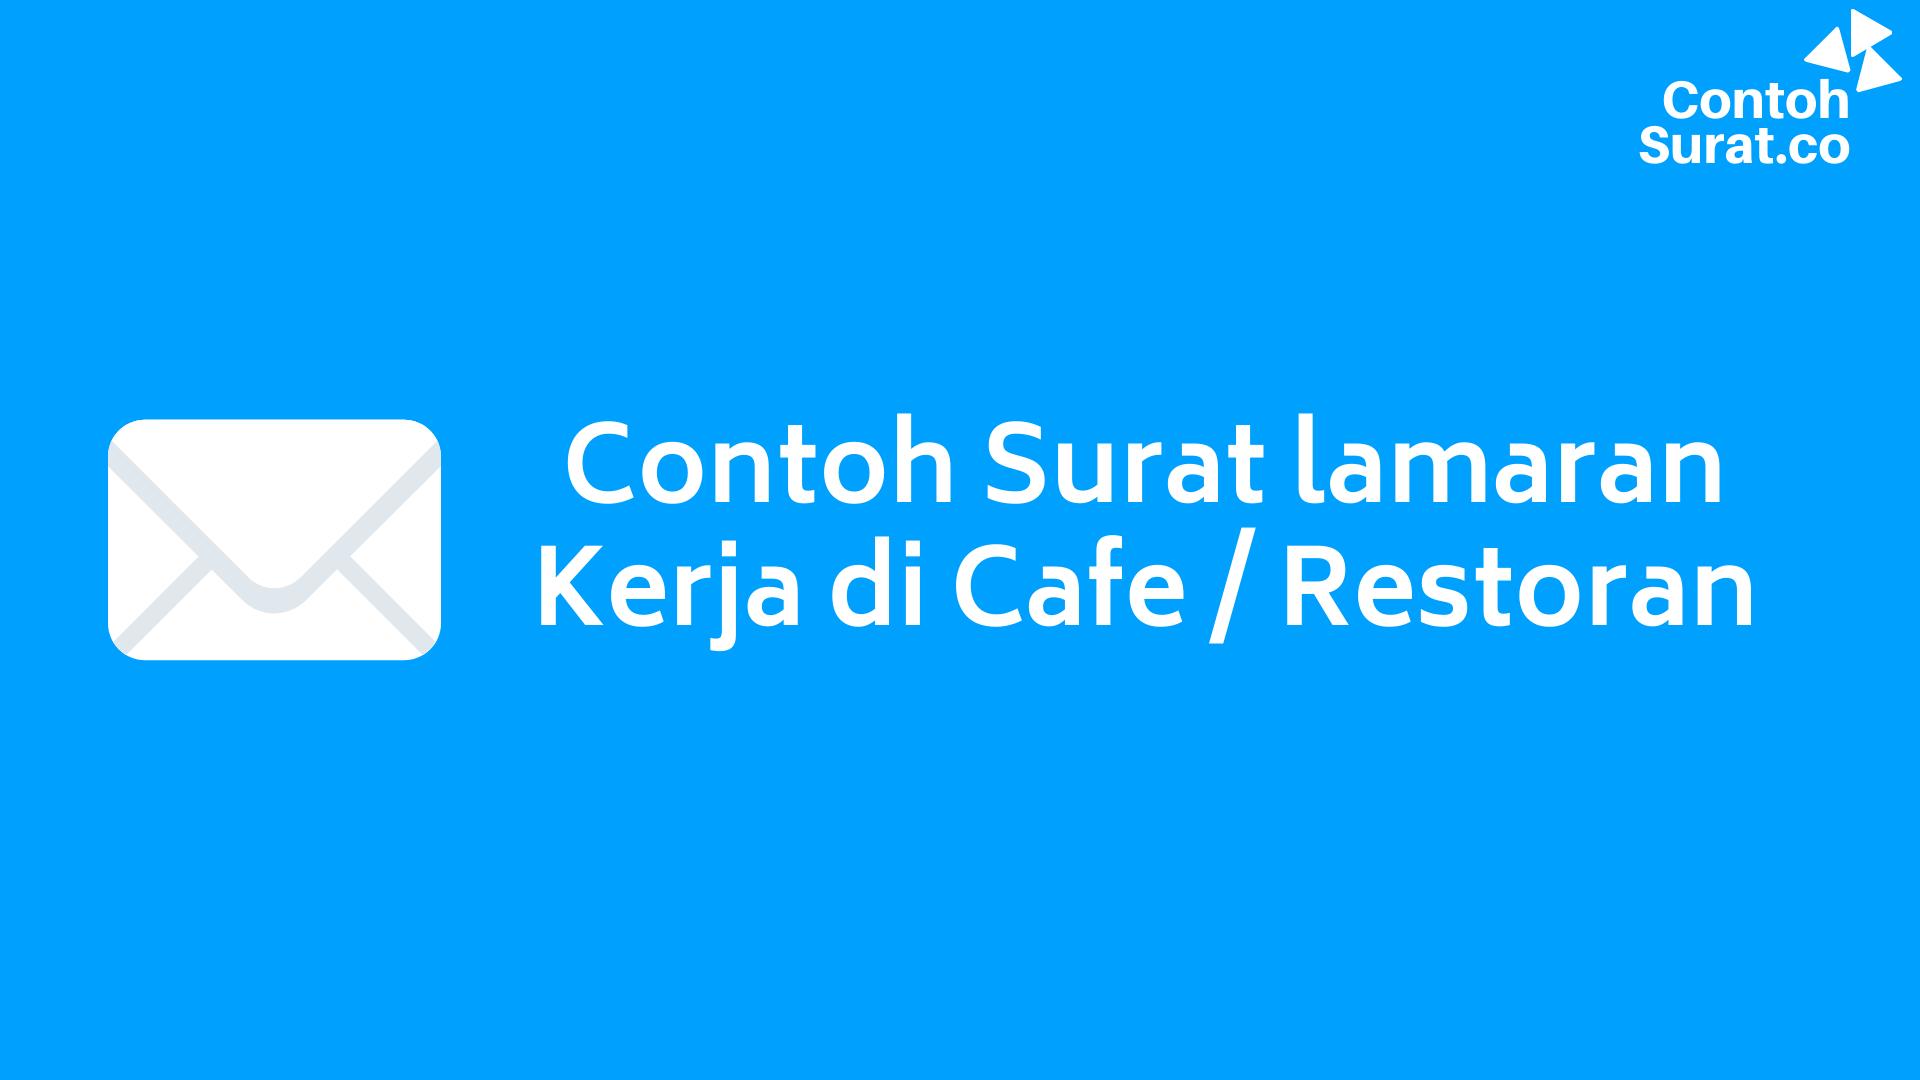 15 Contoh Surat Lamaran Kerja Di Cafe Restoran Sebagai Waitress Barista Kasir Dan Karyawan